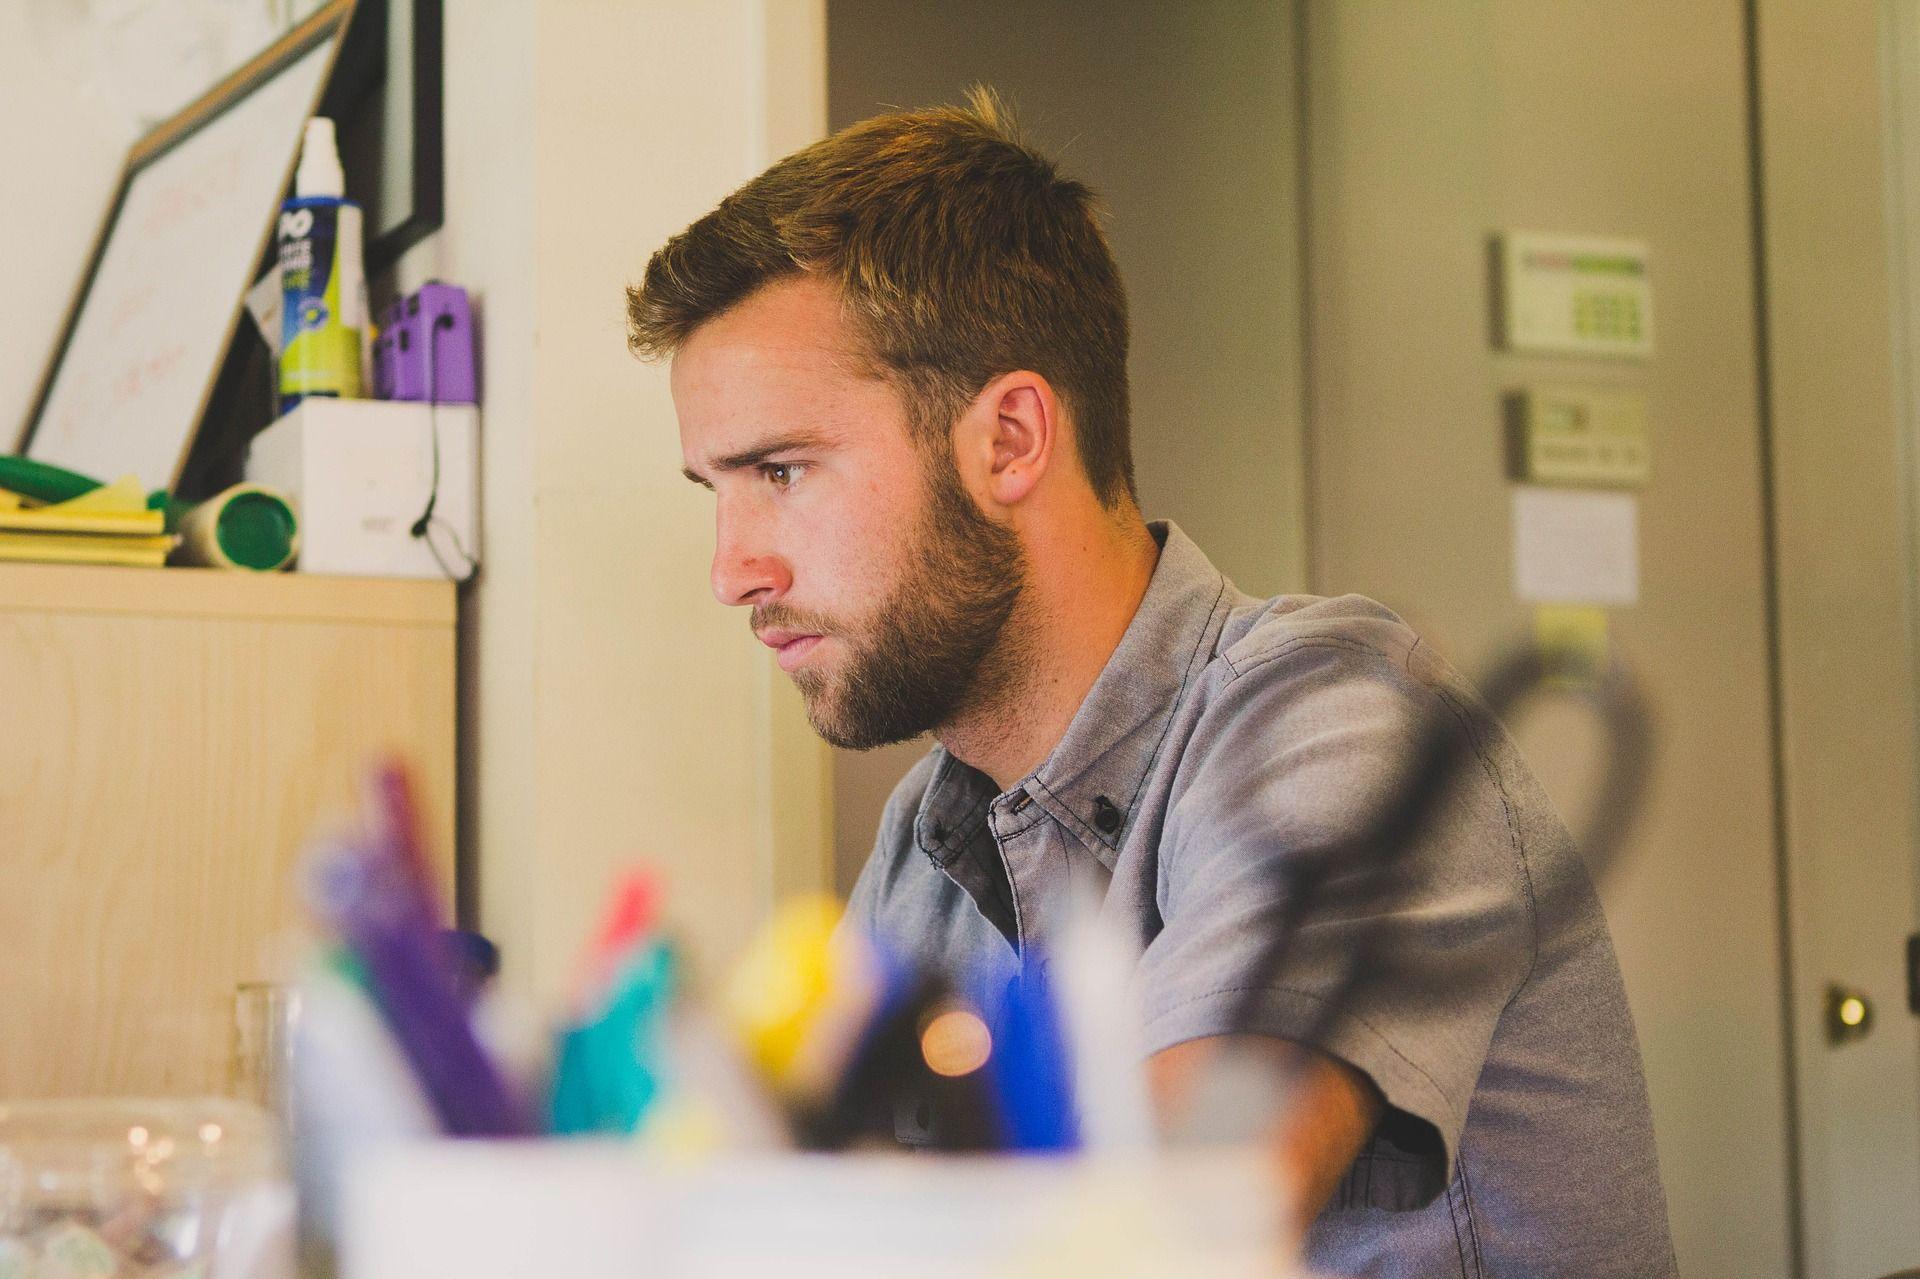 Большинство работодателей следят за соцсетями своих сотрудников